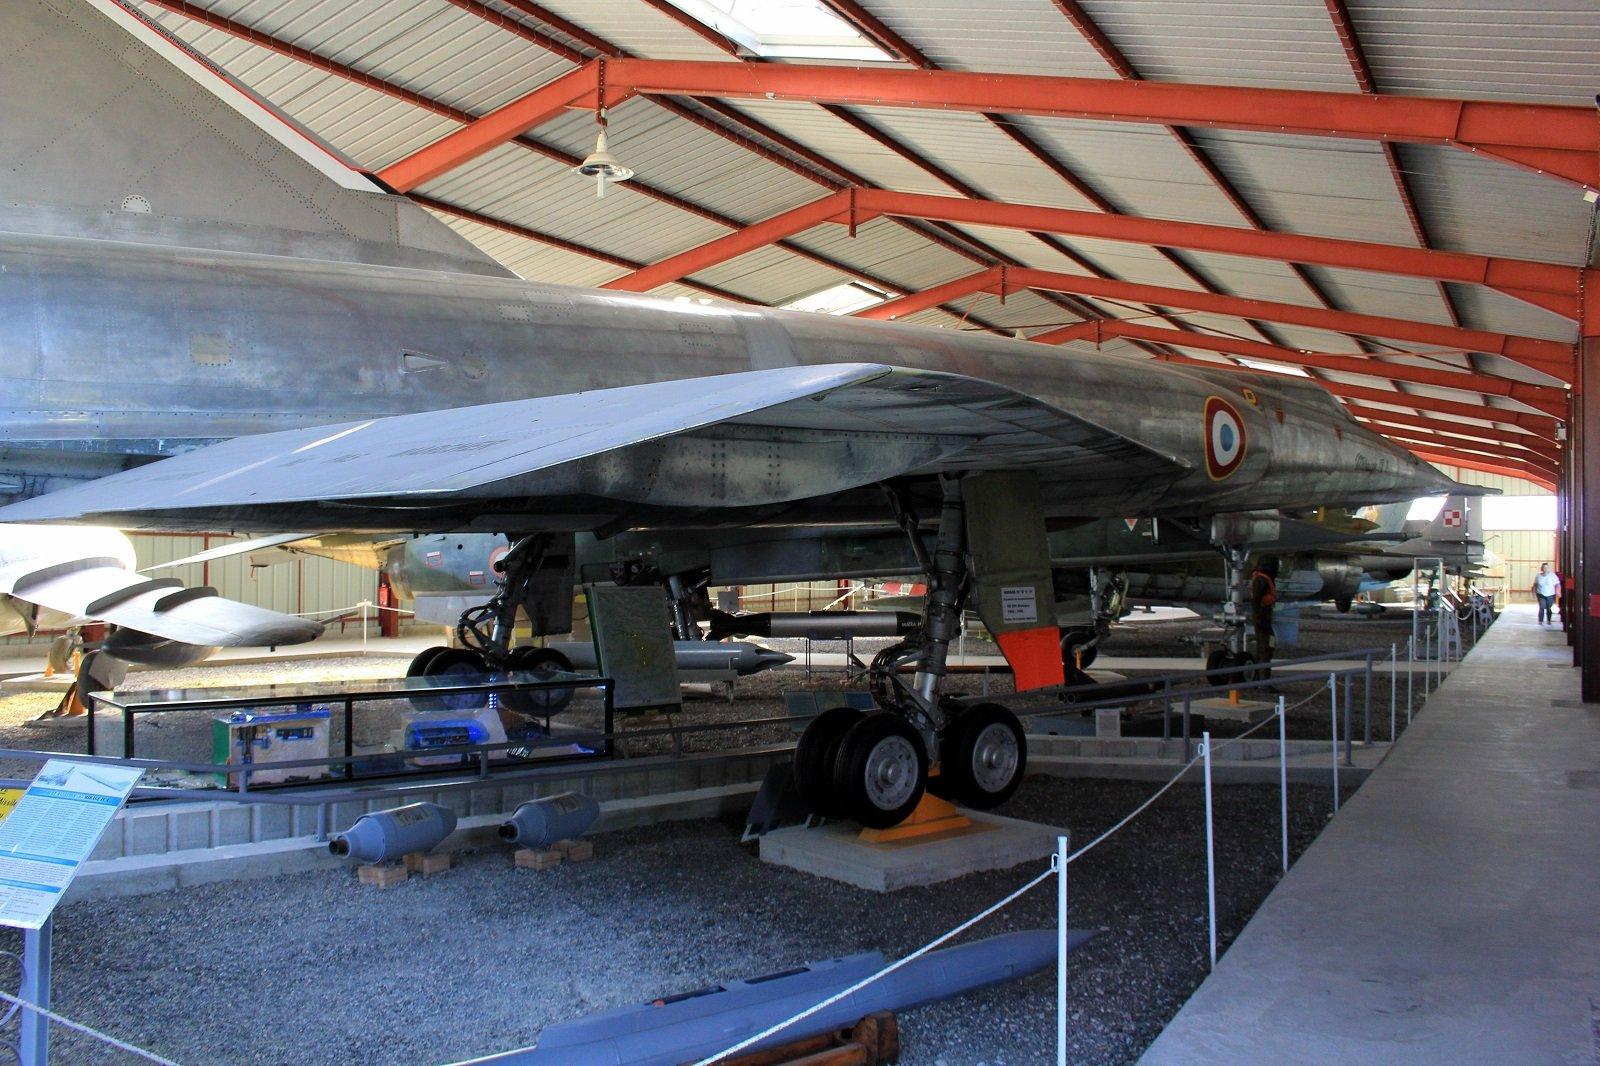 musée de l'aviation de chasse de Montelimar  - Page 2 191030070548795237